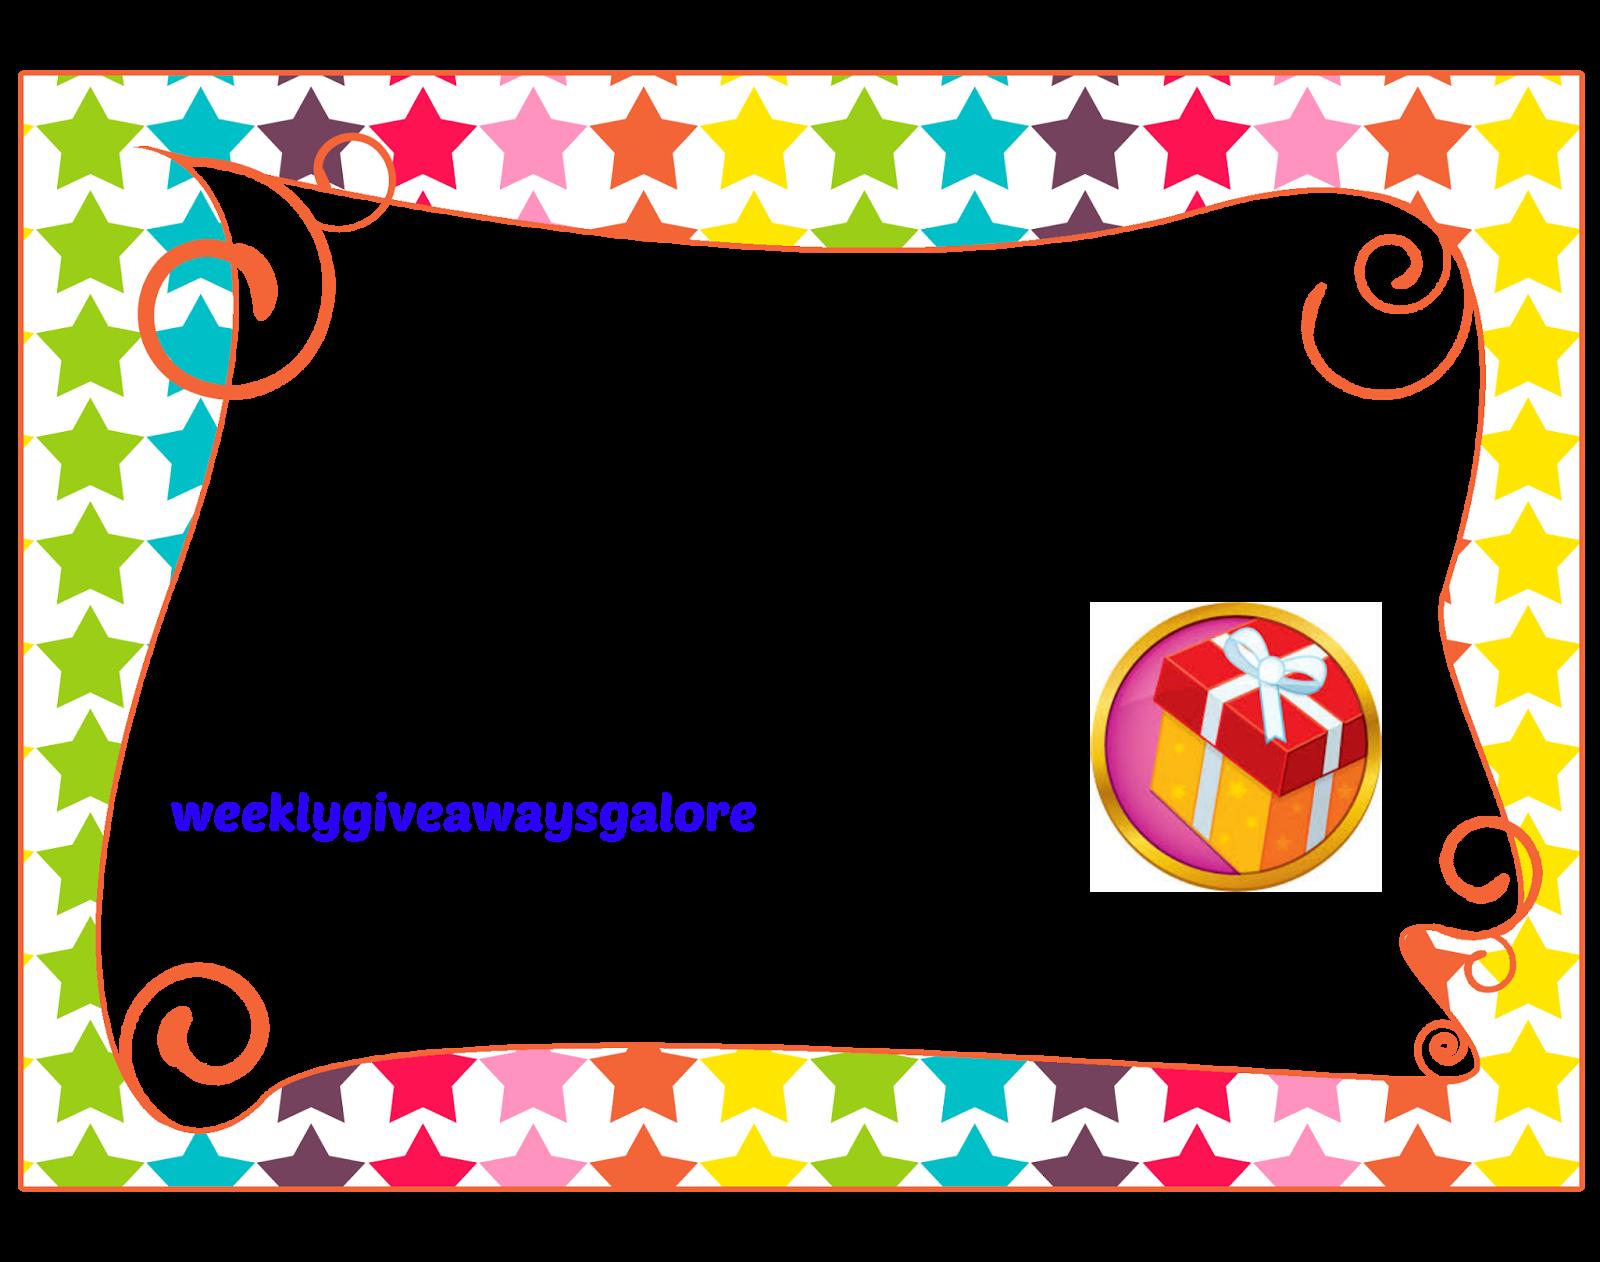 http://preciouslittleworlds.blogspot.com